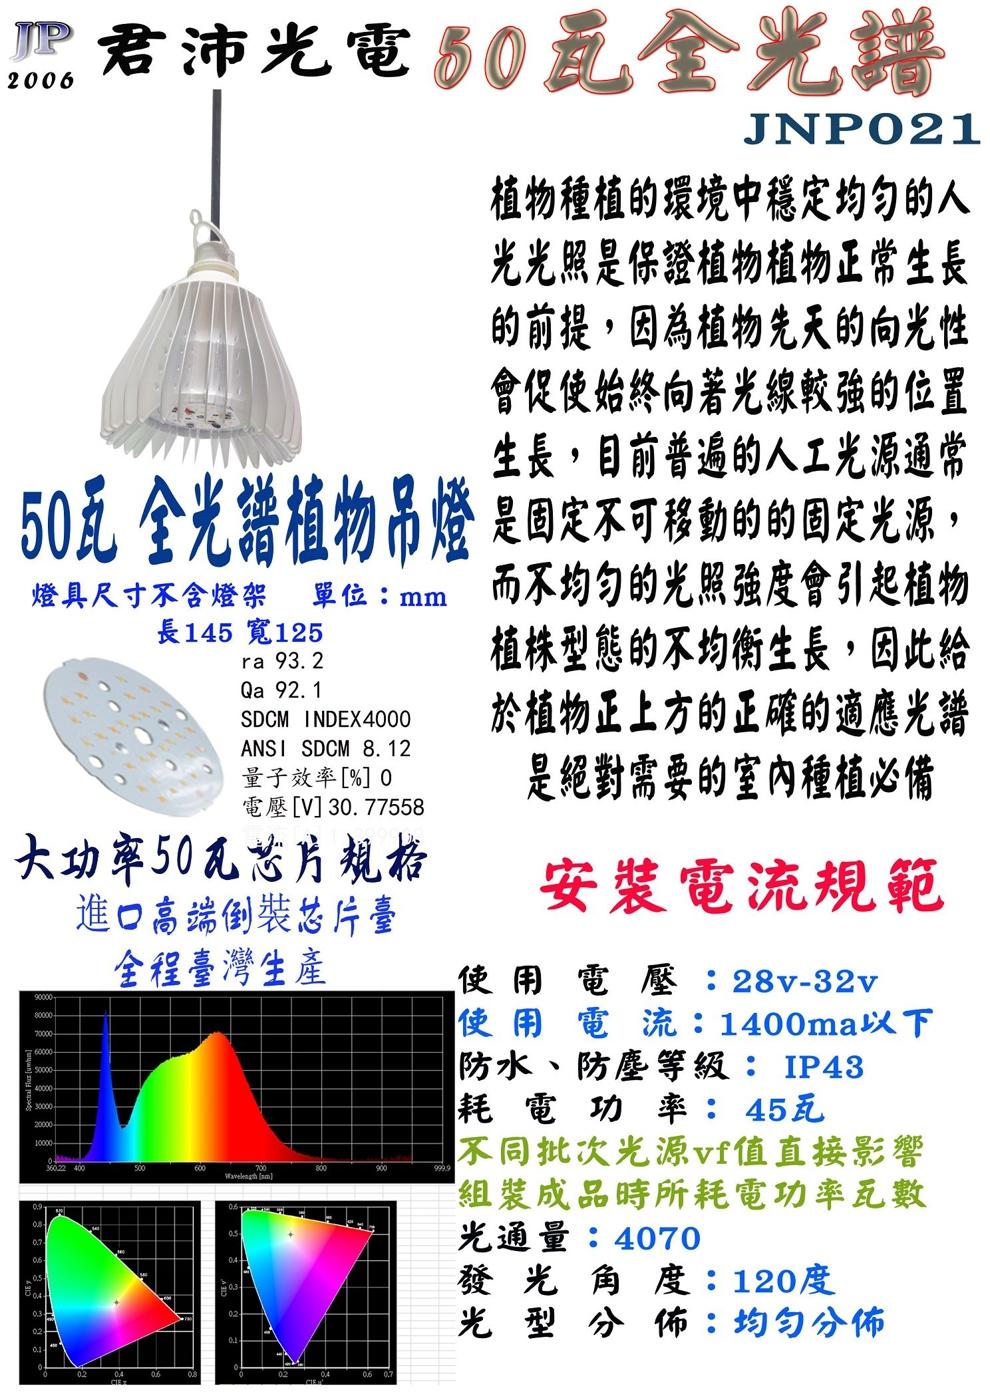 垂直吊掛植物生長燈 光譜 涵蓋 紅光 640nm - 660nm - 680nm